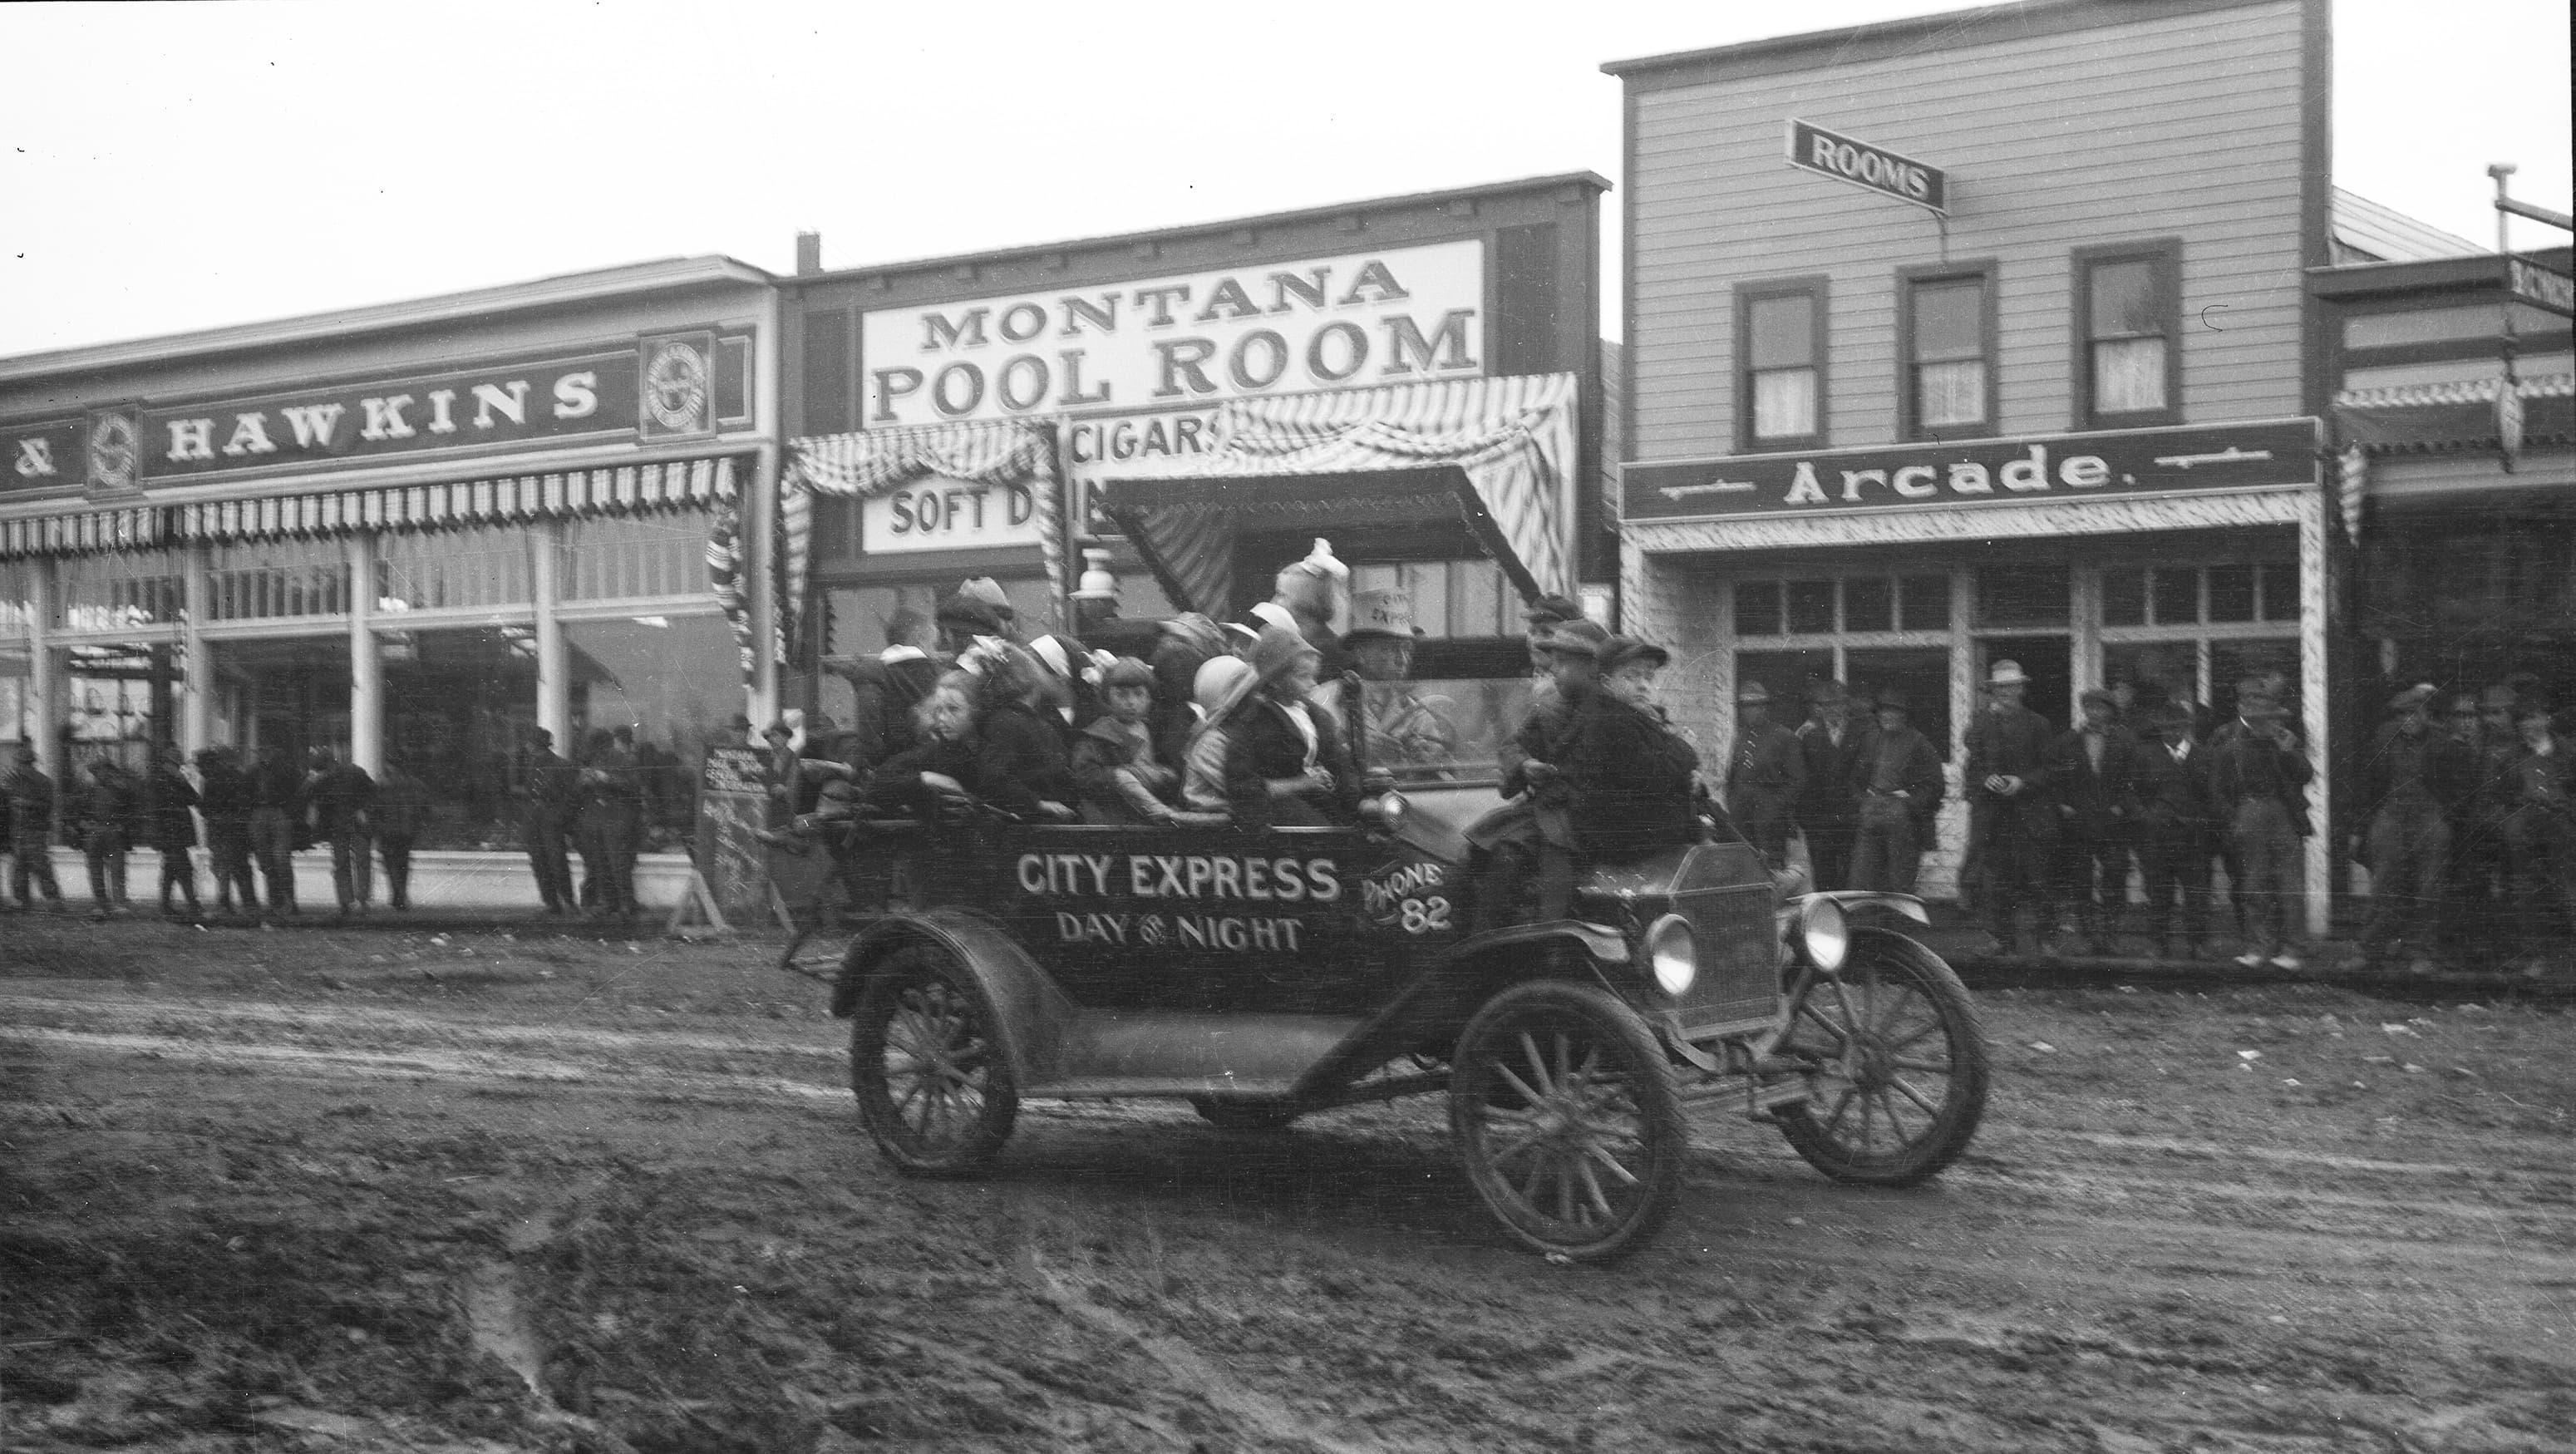 Early days of Spenard. City Express service